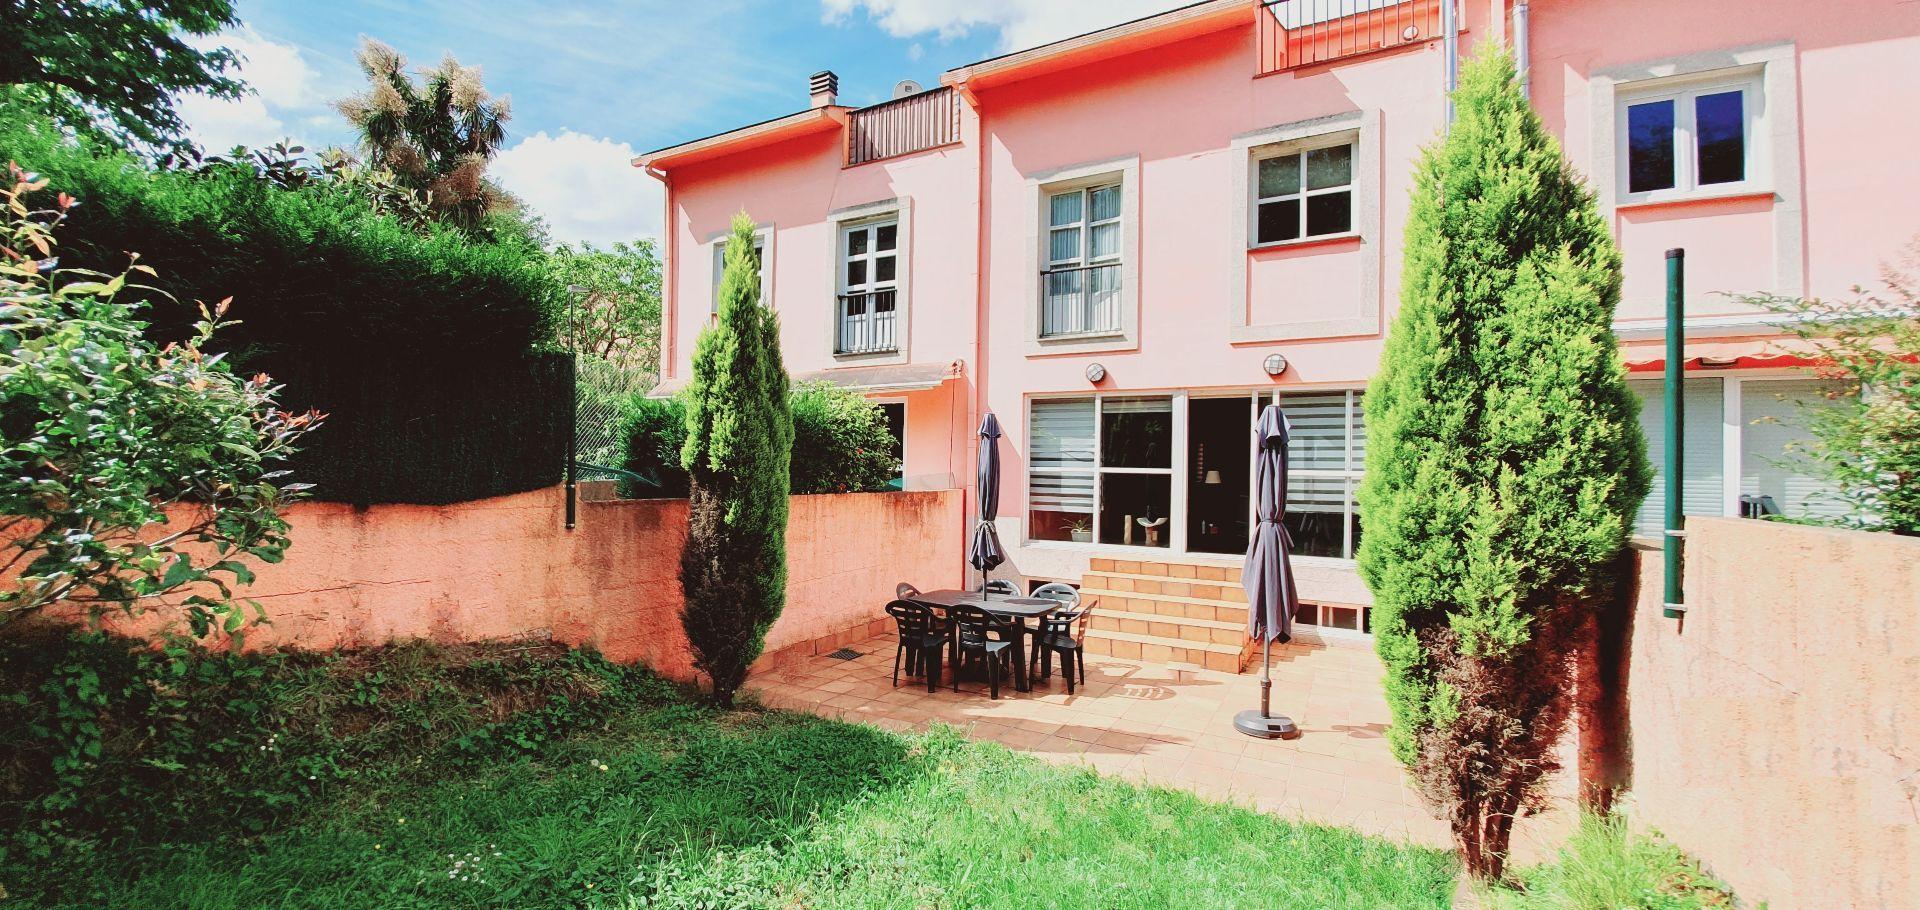 Casa adosada en Oleiros, Oleiros, venta